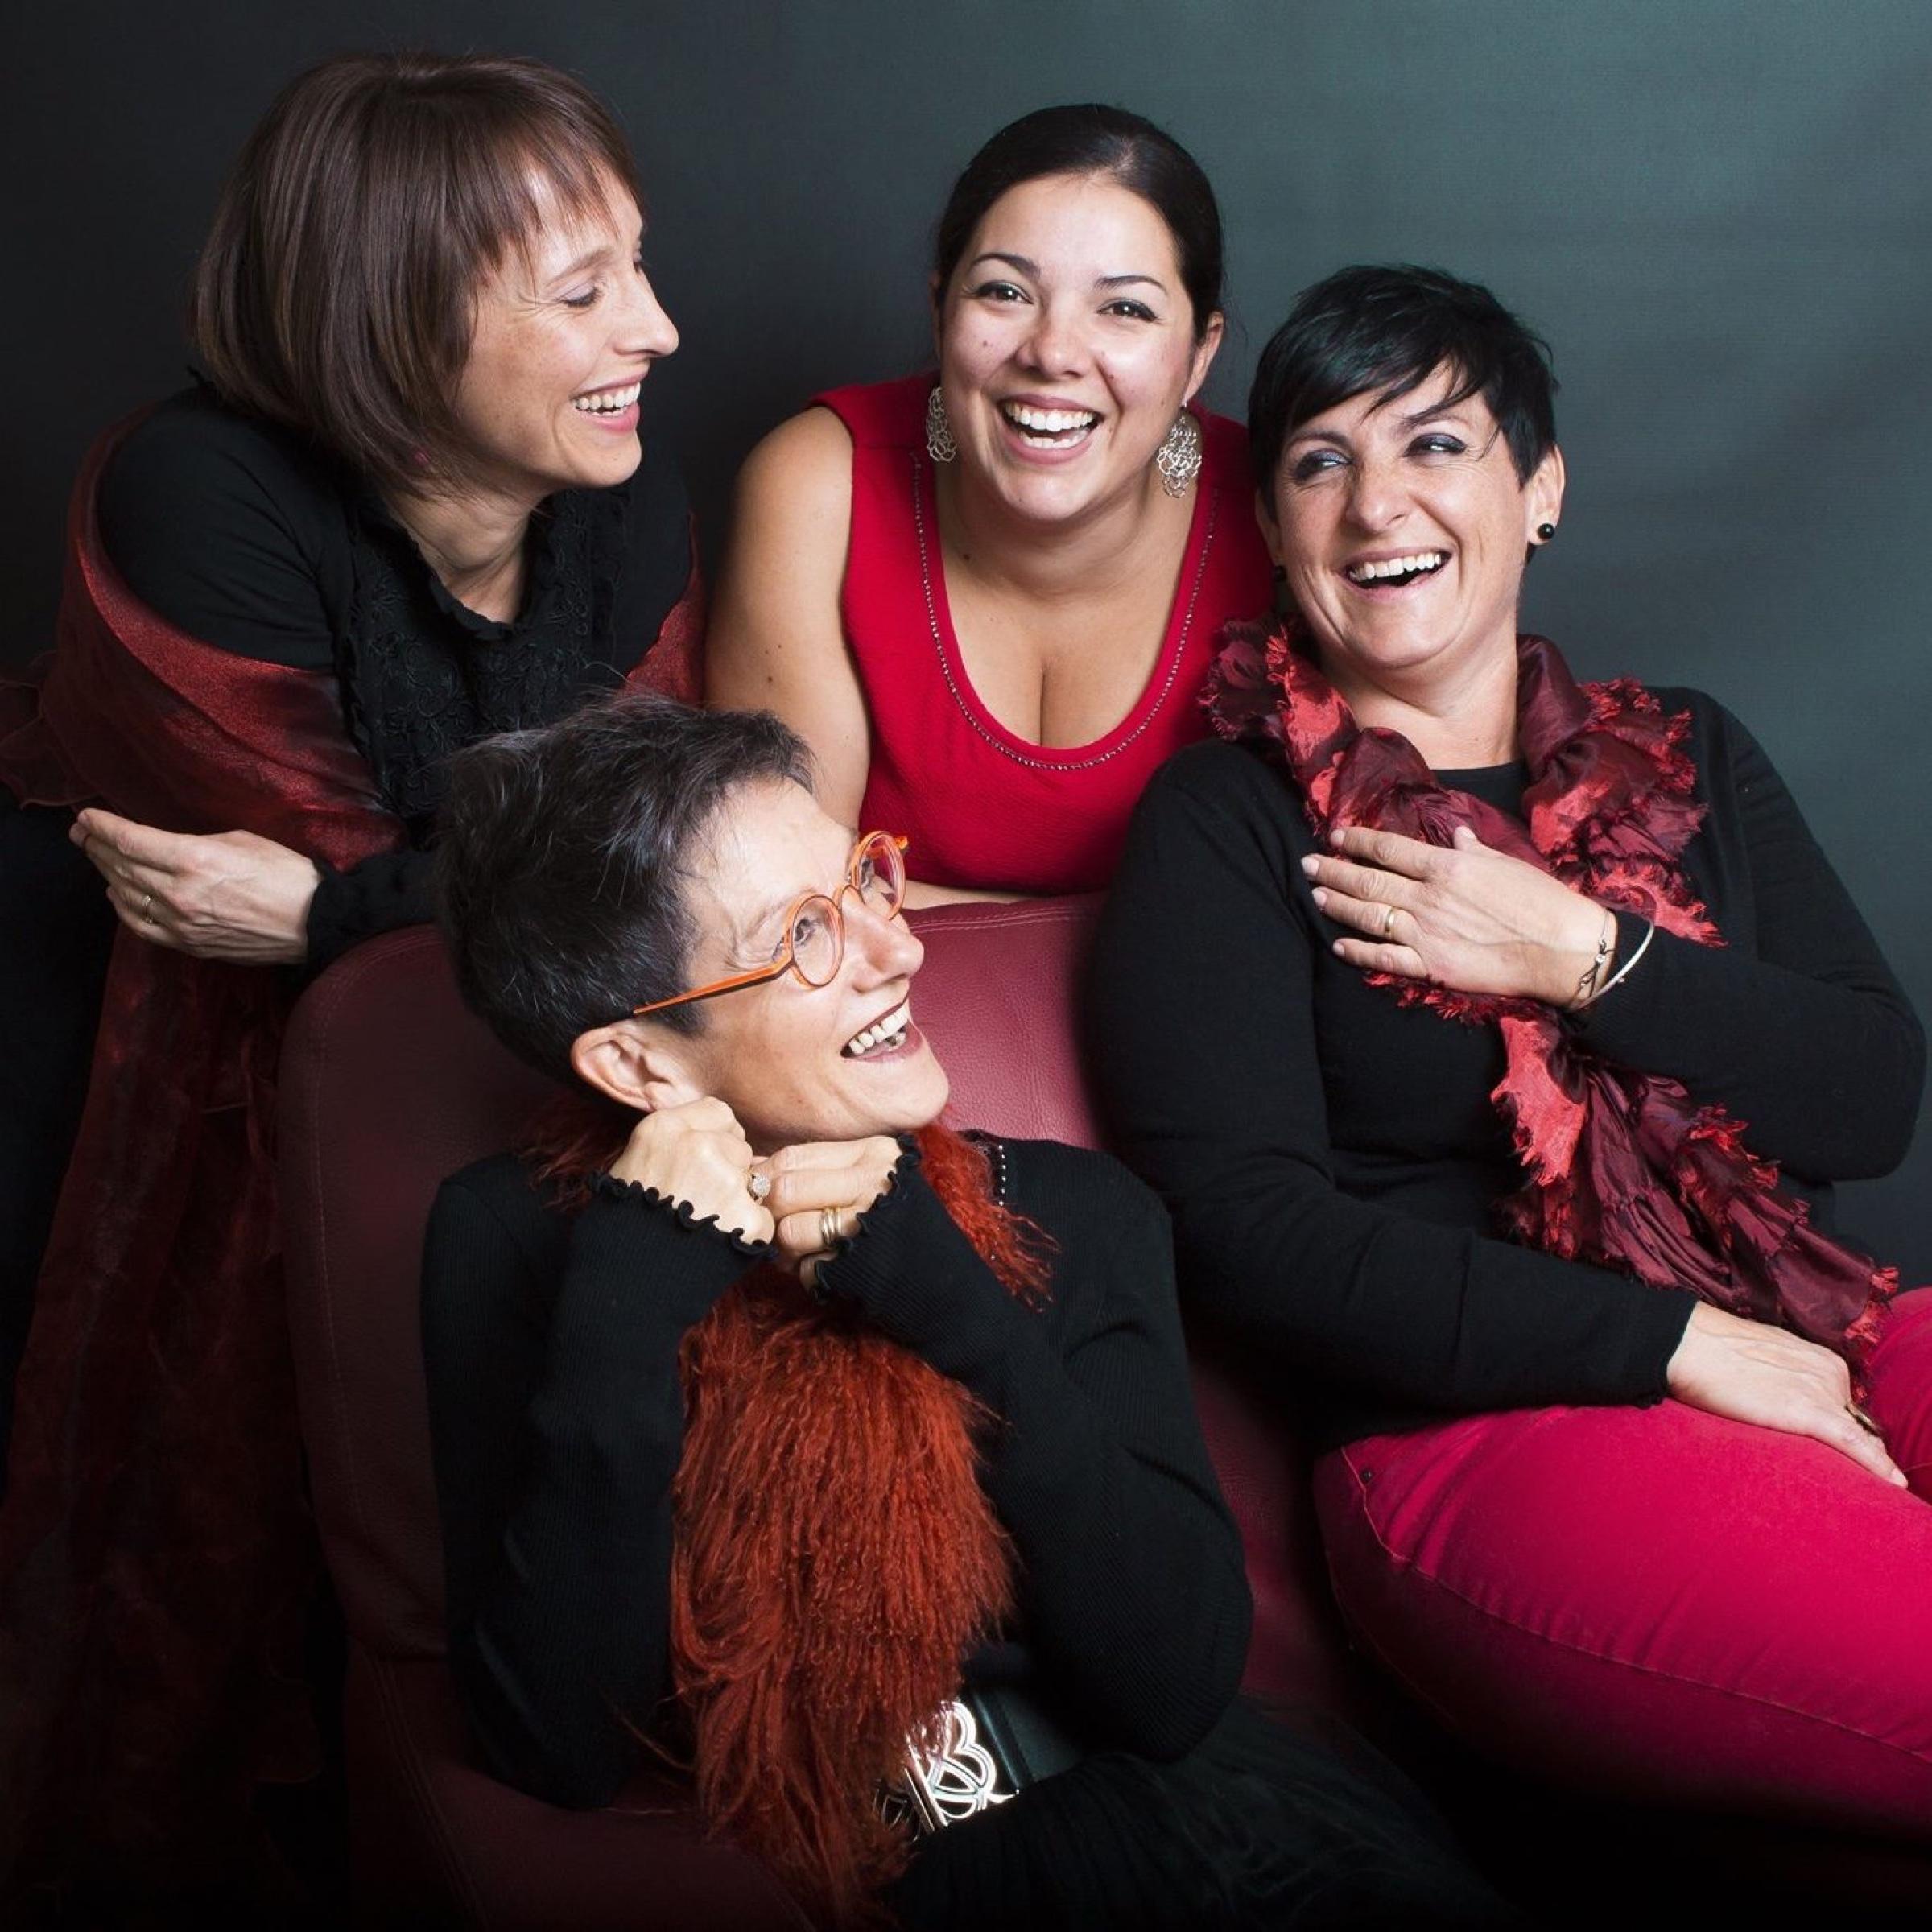 Il quartetto Daunas de còr si esibirà con Robert Matta venerdì 30 luglio a Melle